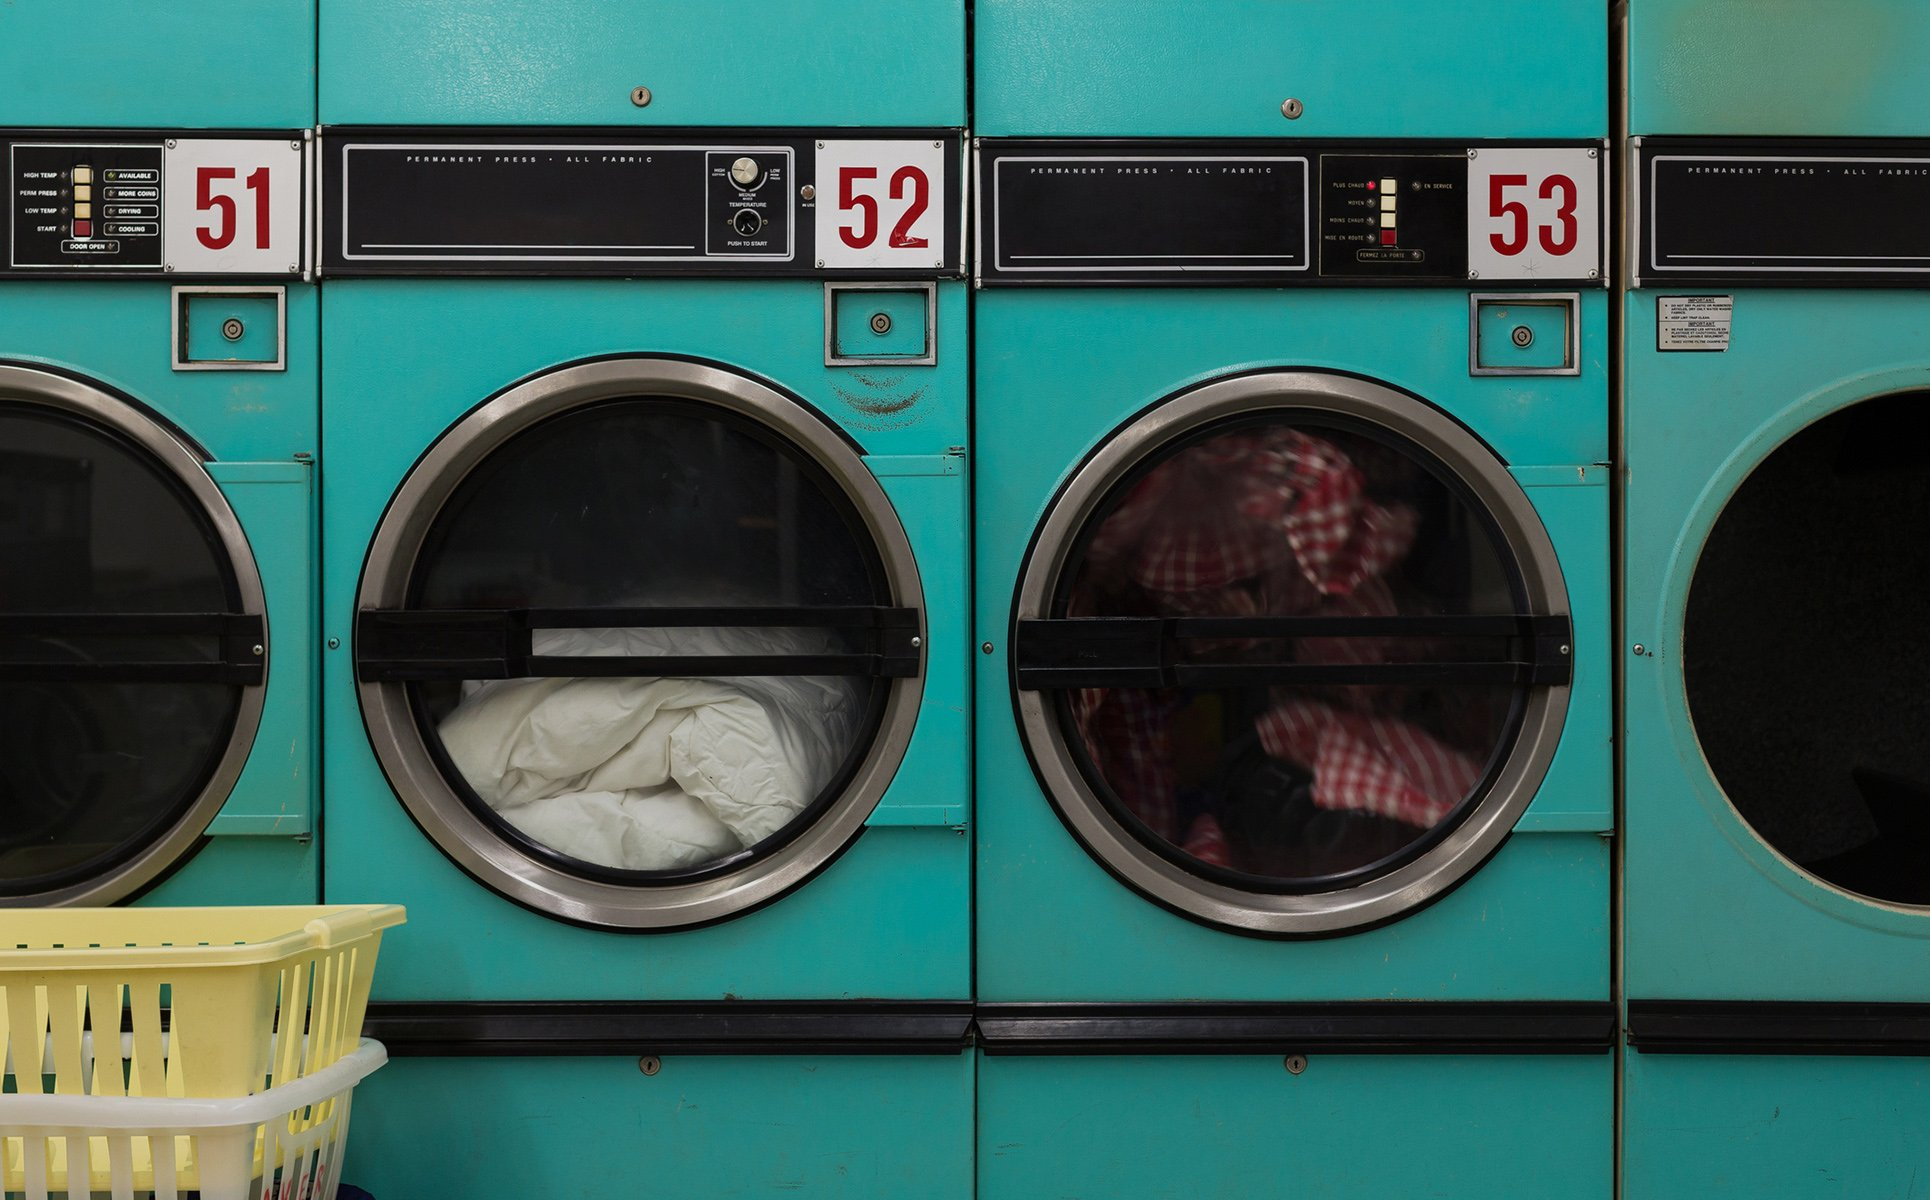 møntvaskeri århus priser